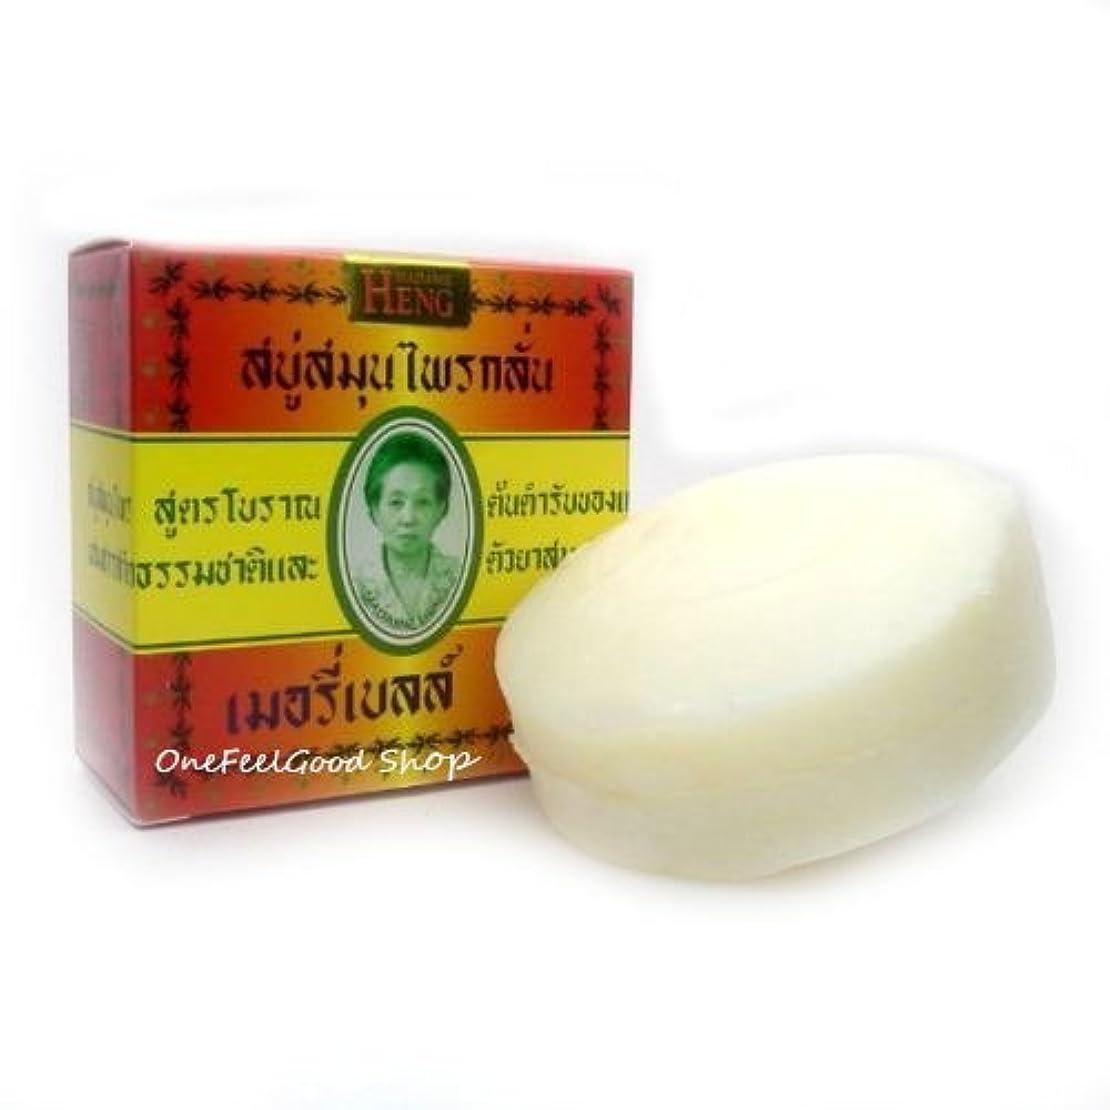 ほとんどないオピエート静的2 of MADAME HENG NATURAL SOAP BAR MERRY BELL ORIGINAL THAI (net wt 5.64 OZ.or 160g. / bar.) PACK OF 2 BAR. by onefeelgood shop